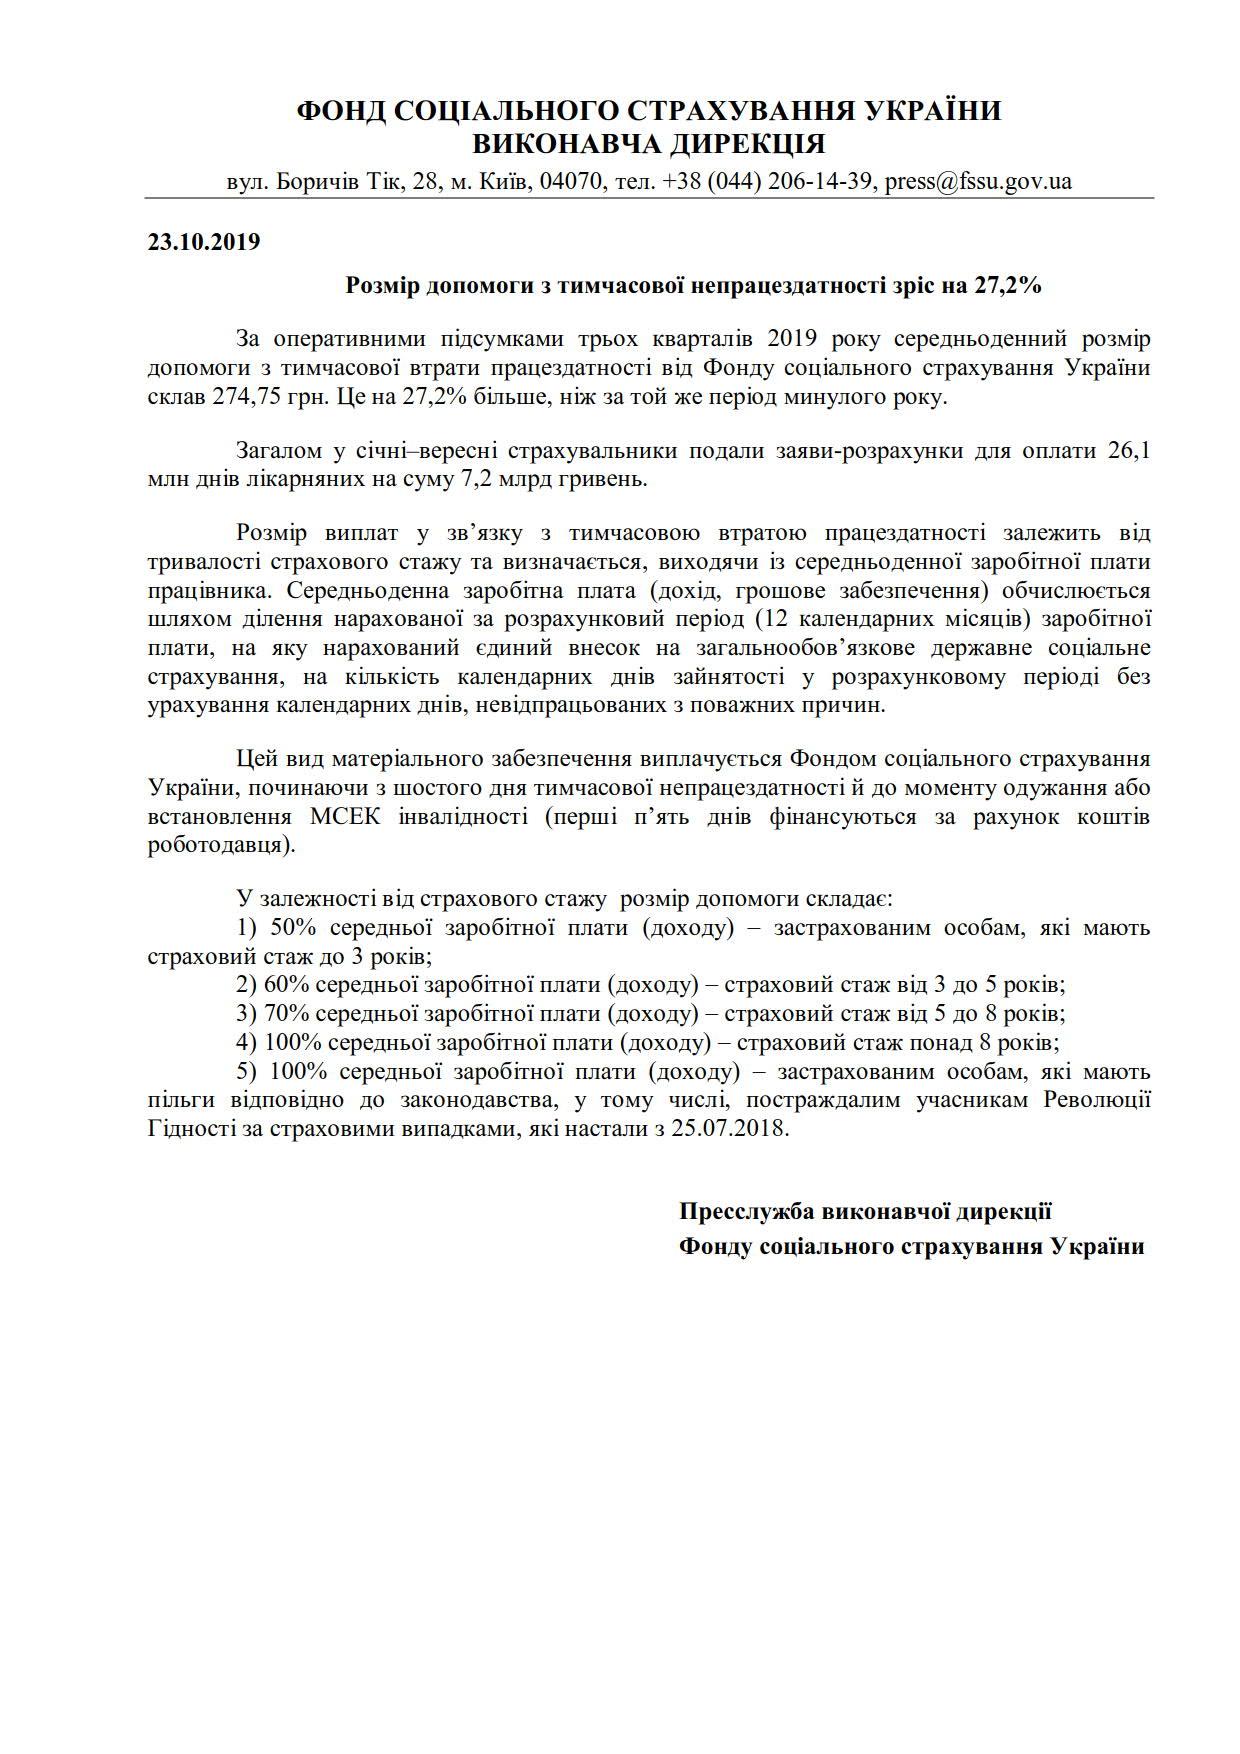 ФССУ_Допомога за лікарняними_9 міс._23.10.19-2_1